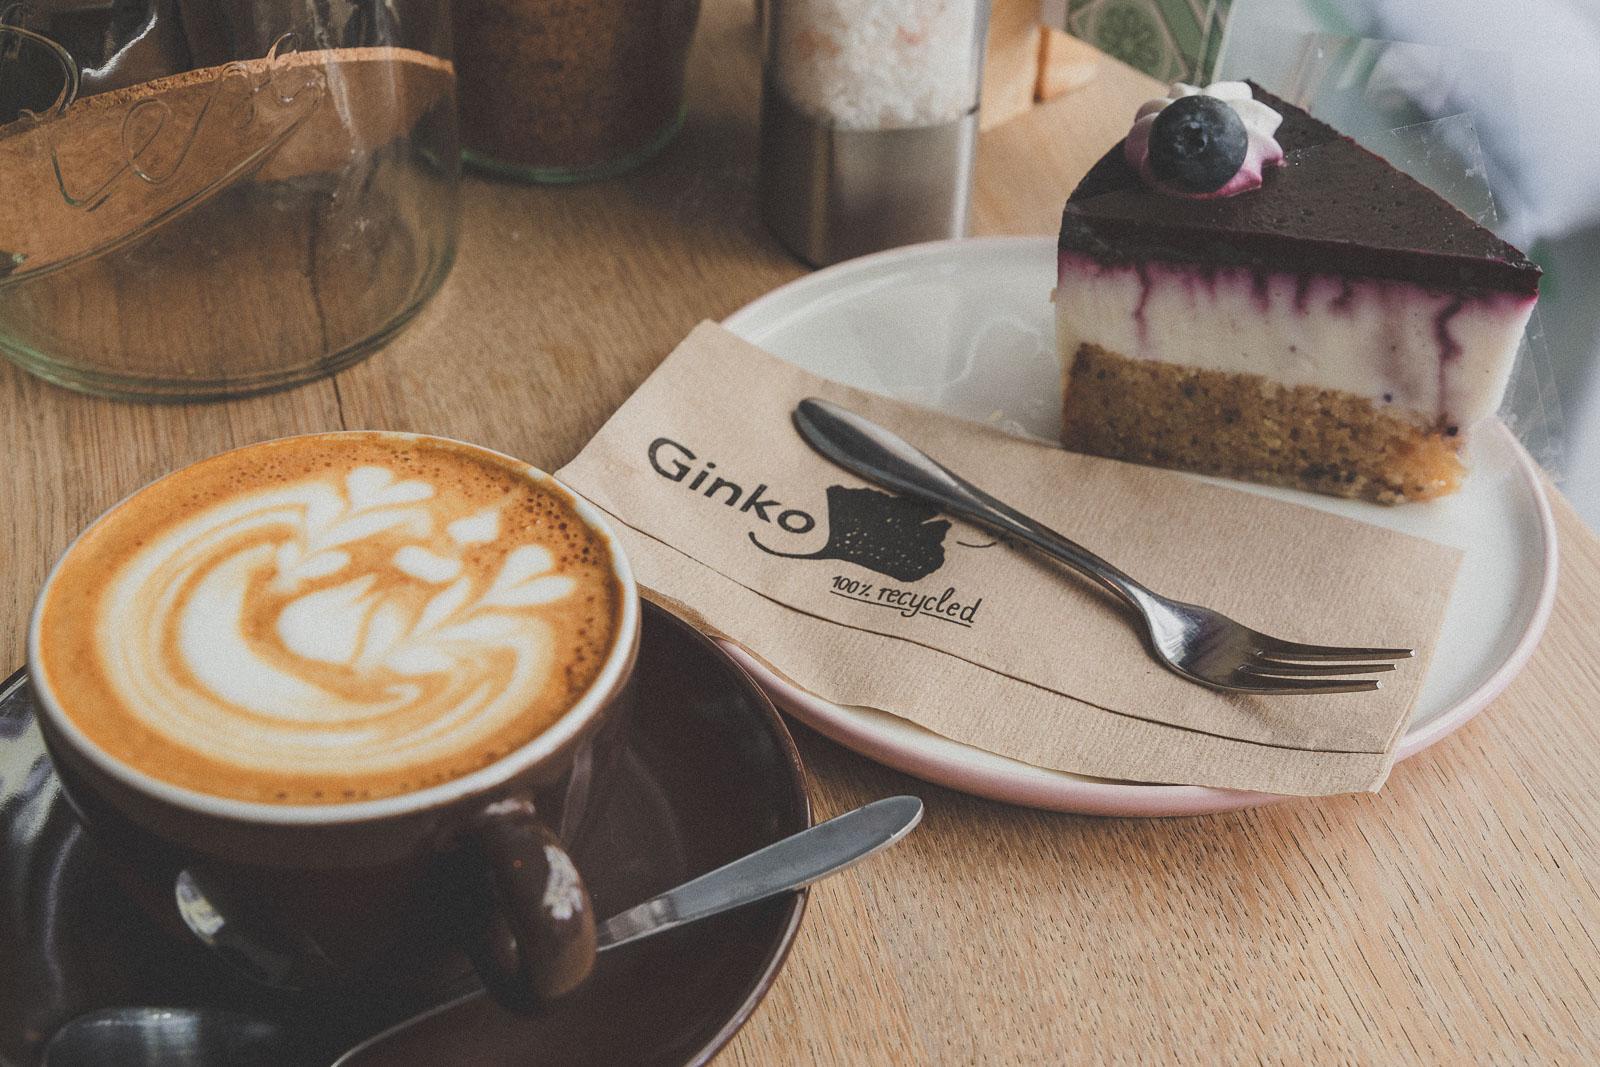 Greenhouse, Kaffee trinken in Graz - Das sind die besten Cafés & Coffee Shops // Cafés in Graz, Kaffee trinken, Graz Blog, www.miss-classy.com #cafe #kaffee #graz